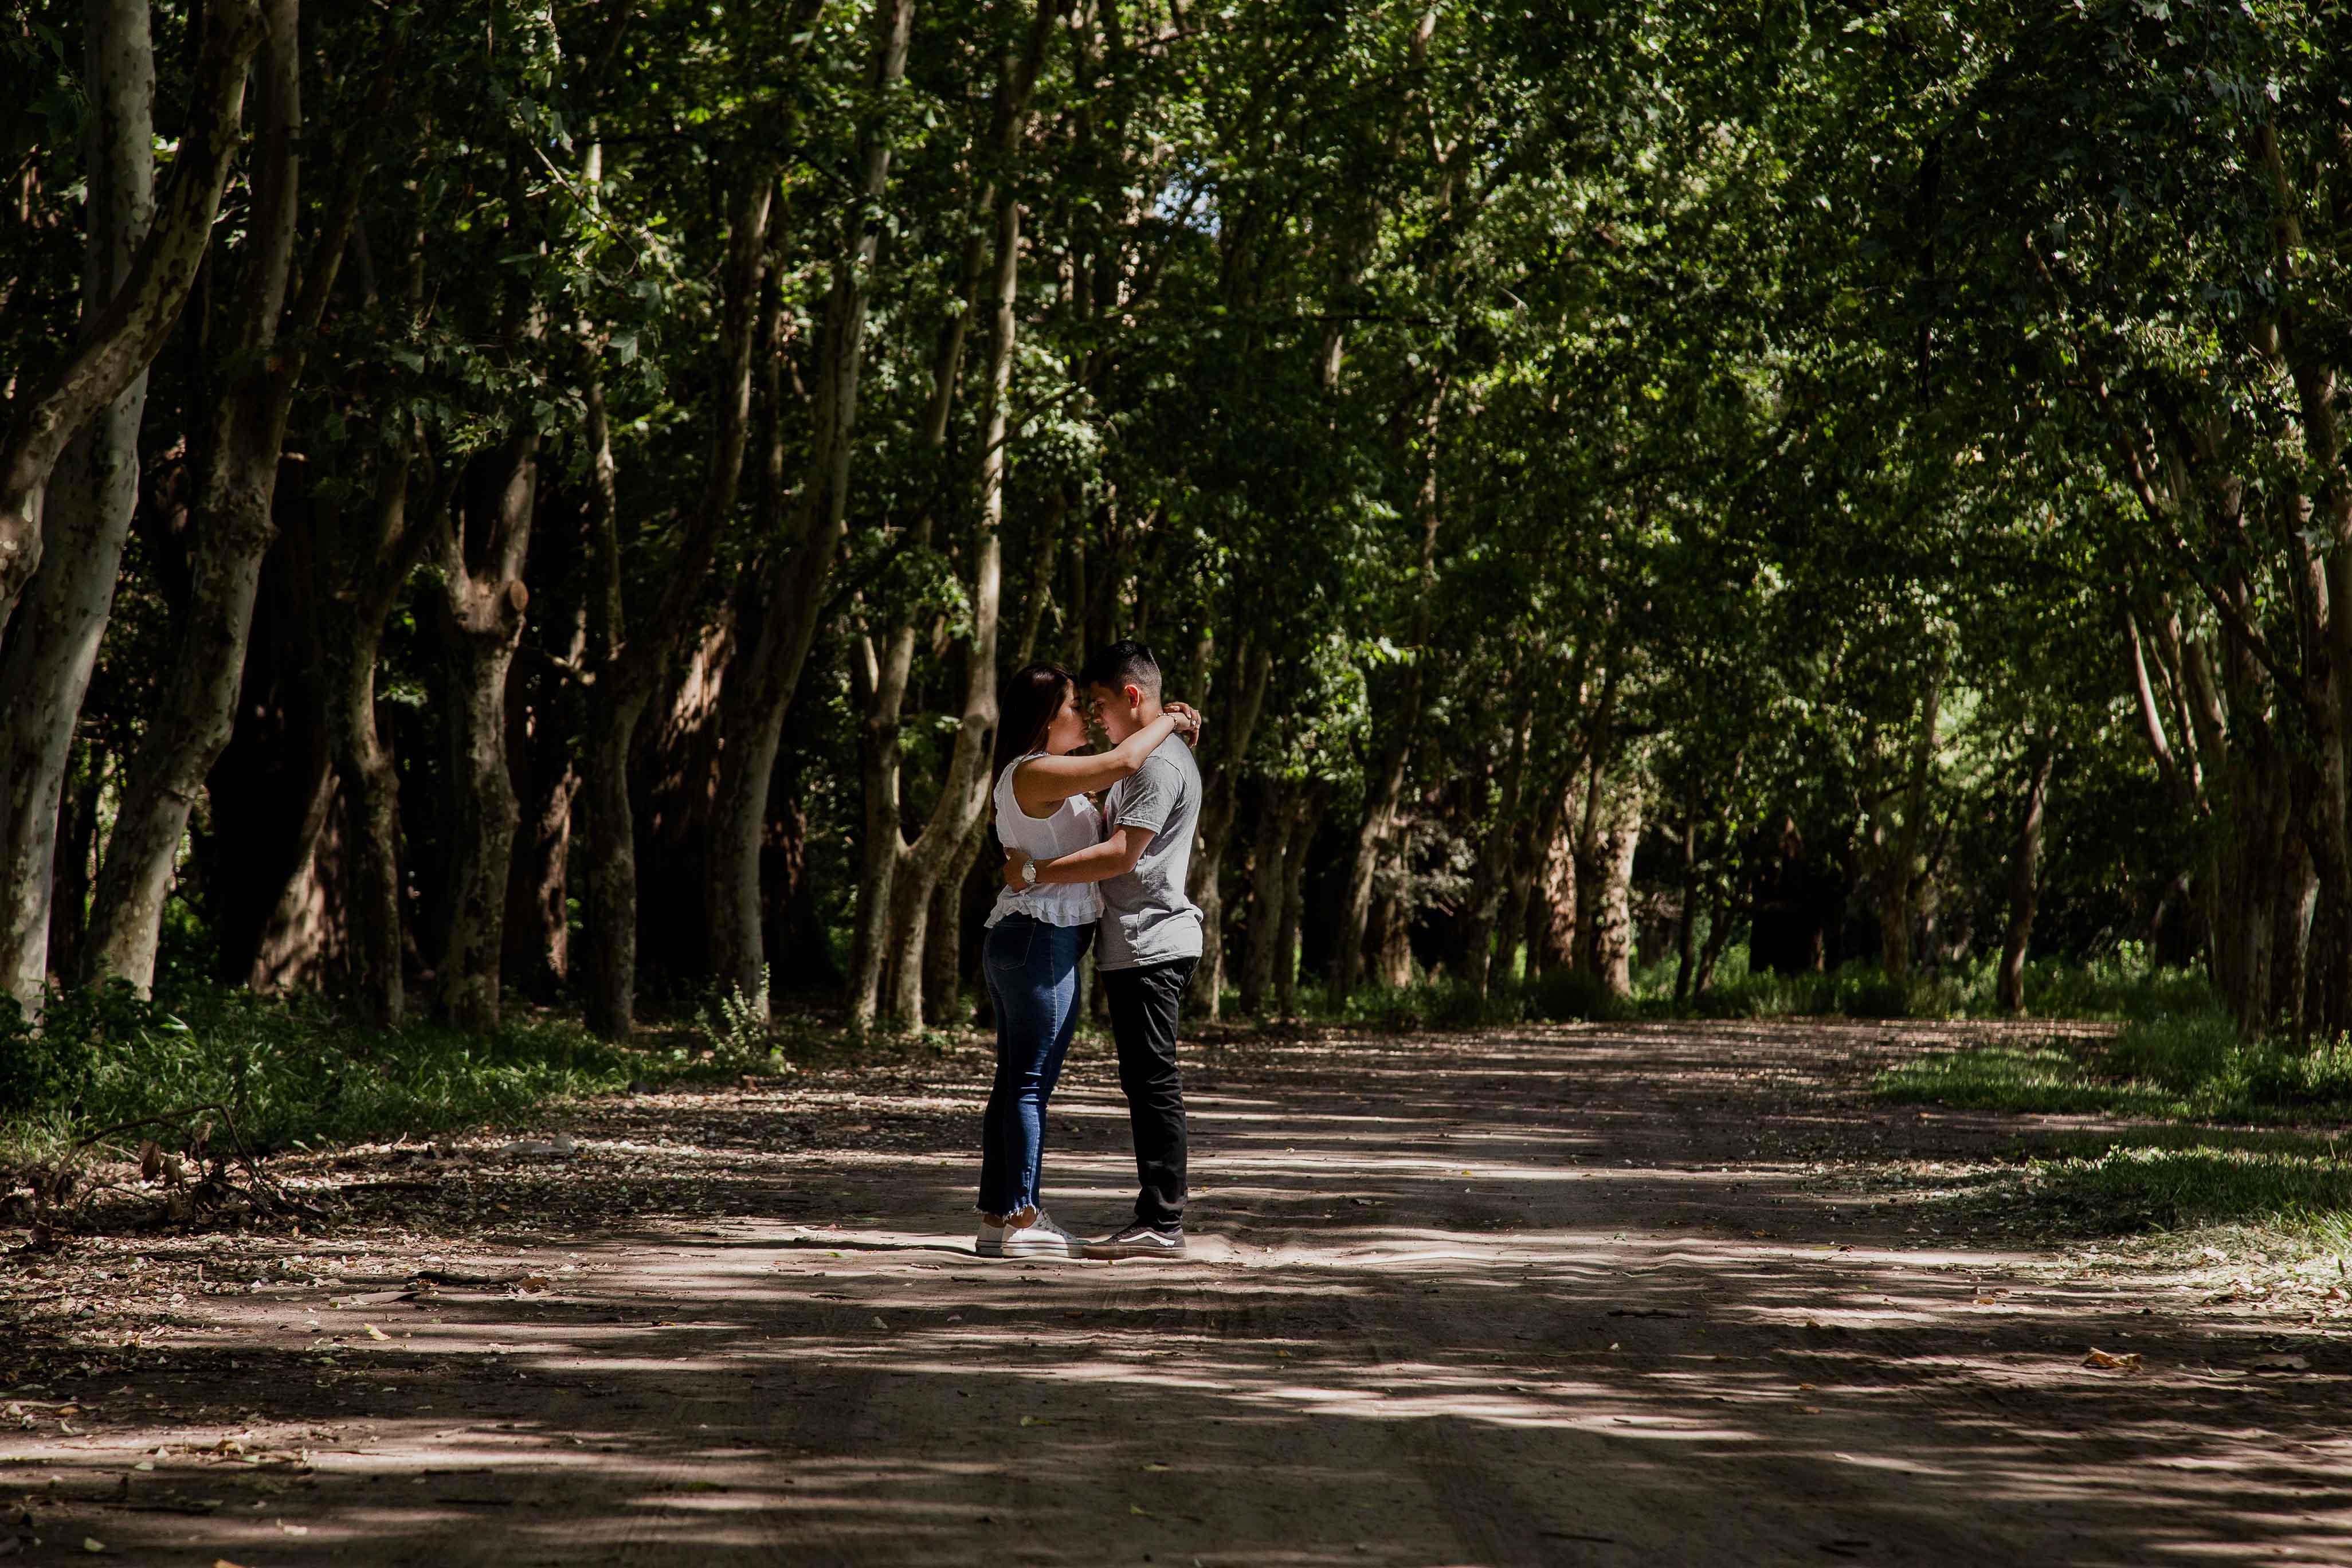 Fotos de la pre boda de Karen y Claudio en Rosario realizadas por Bucle Fotografías Flor Bosio y Caro Clerici